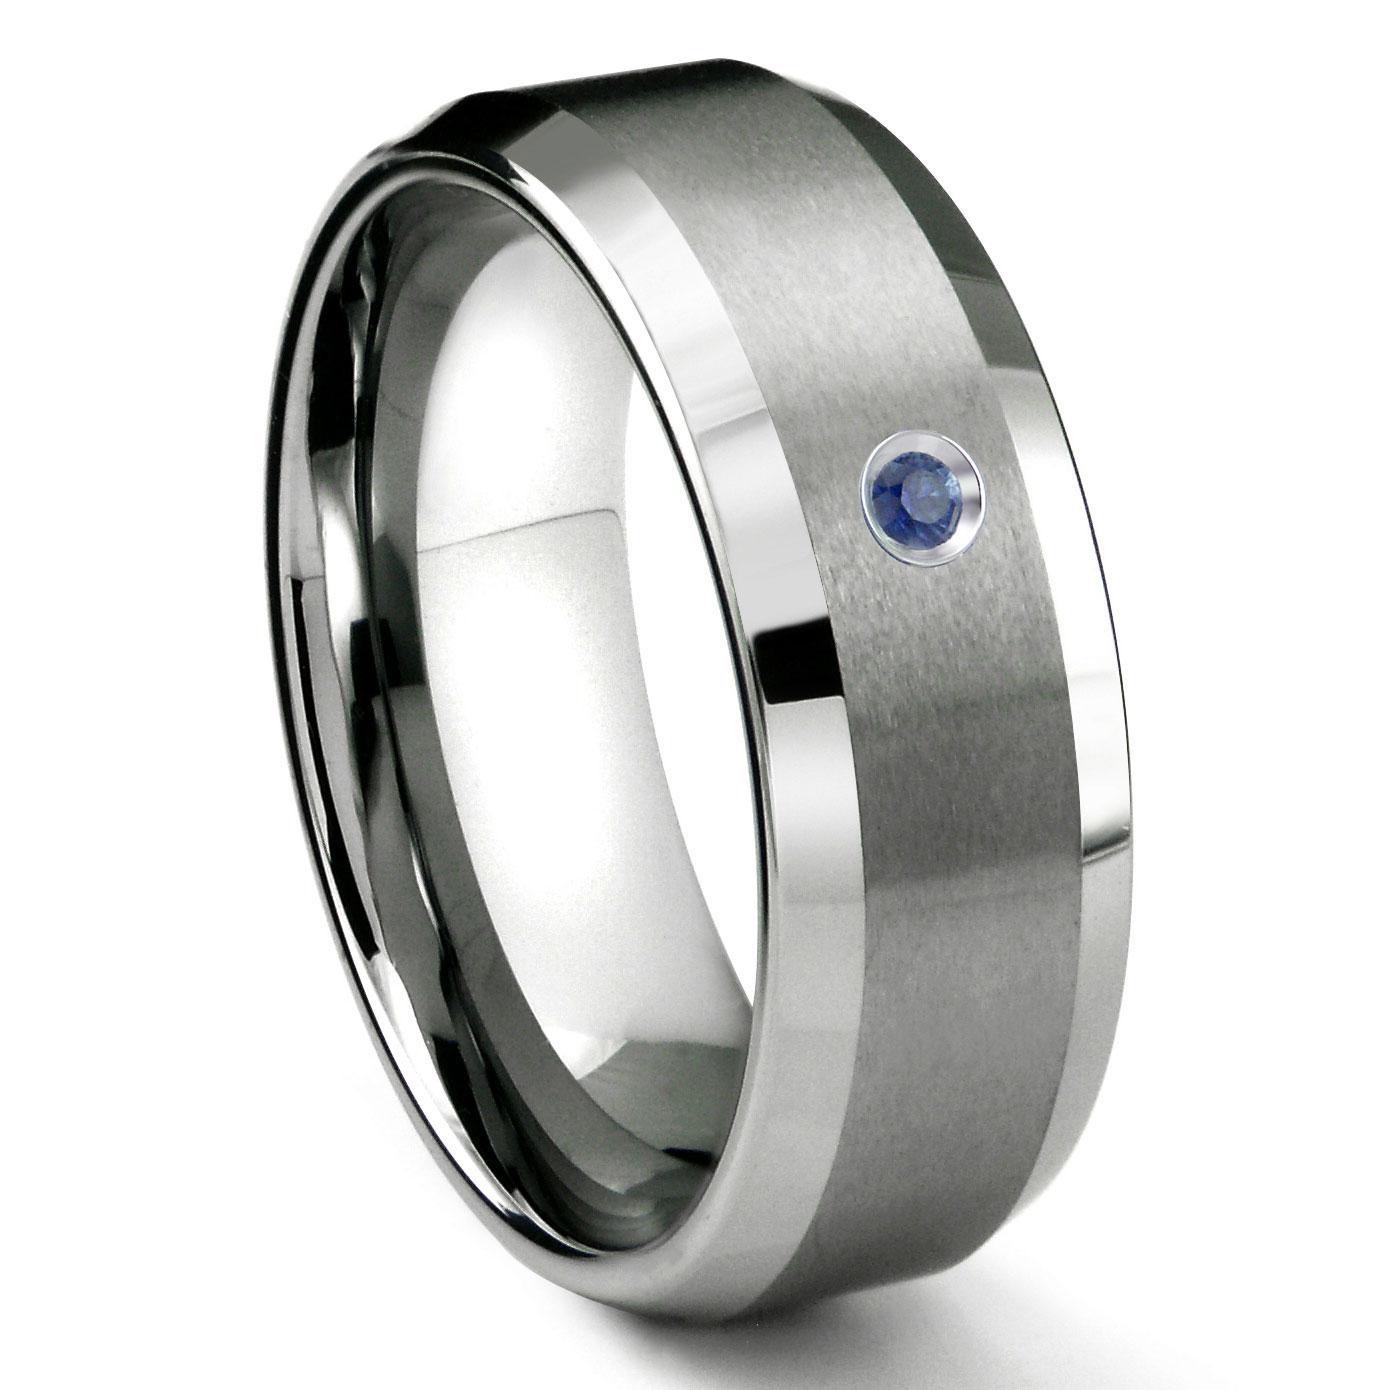 Tungsten Carbide 8mm Satin Finish Beveled Sapphire